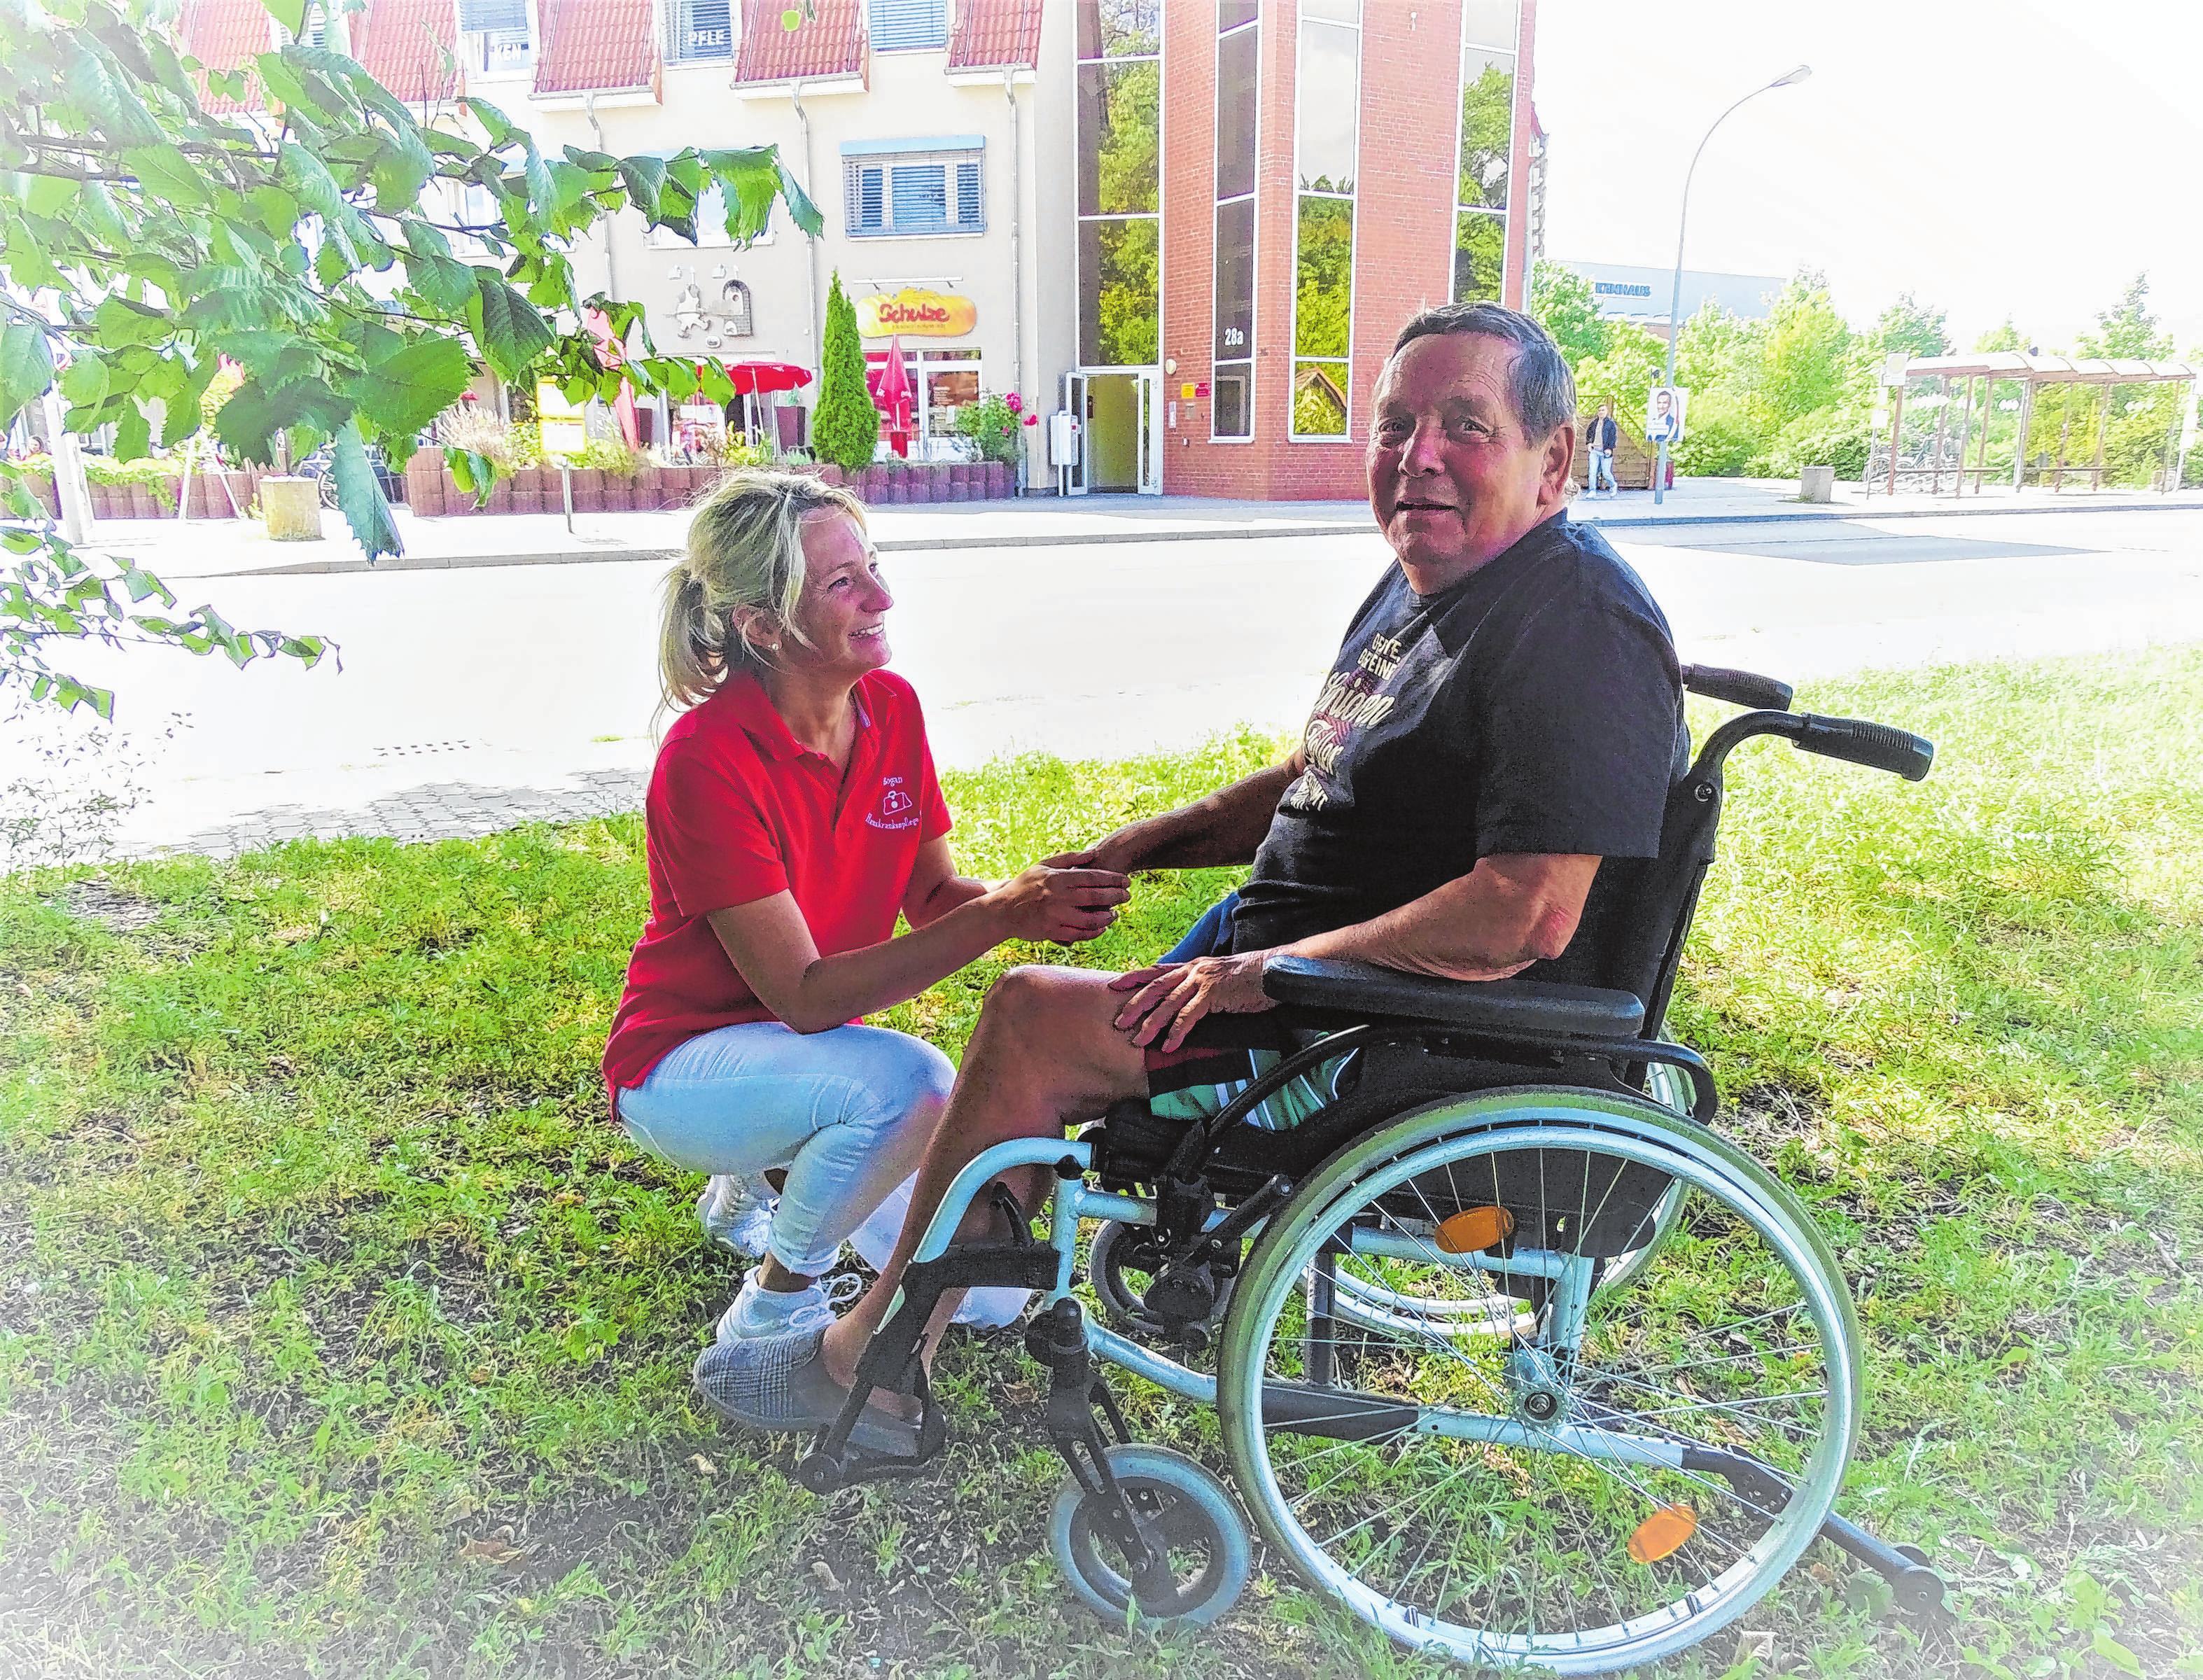 """Parkbesuch in der WG Beeskow: Pflegehelferin Alette Löbel (v. l.) und Werner Jurk, der früher Gartenanlagen, Sportplatz und Rasenflächen bearbeitete. """"Ich bin hier so zufrieden, aufgeblüht einfach nur glücklich. Ich bin gern hier draußen an der frischen Luft. So lange wie möglich, da ist es am schönsten"""", verrät er."""